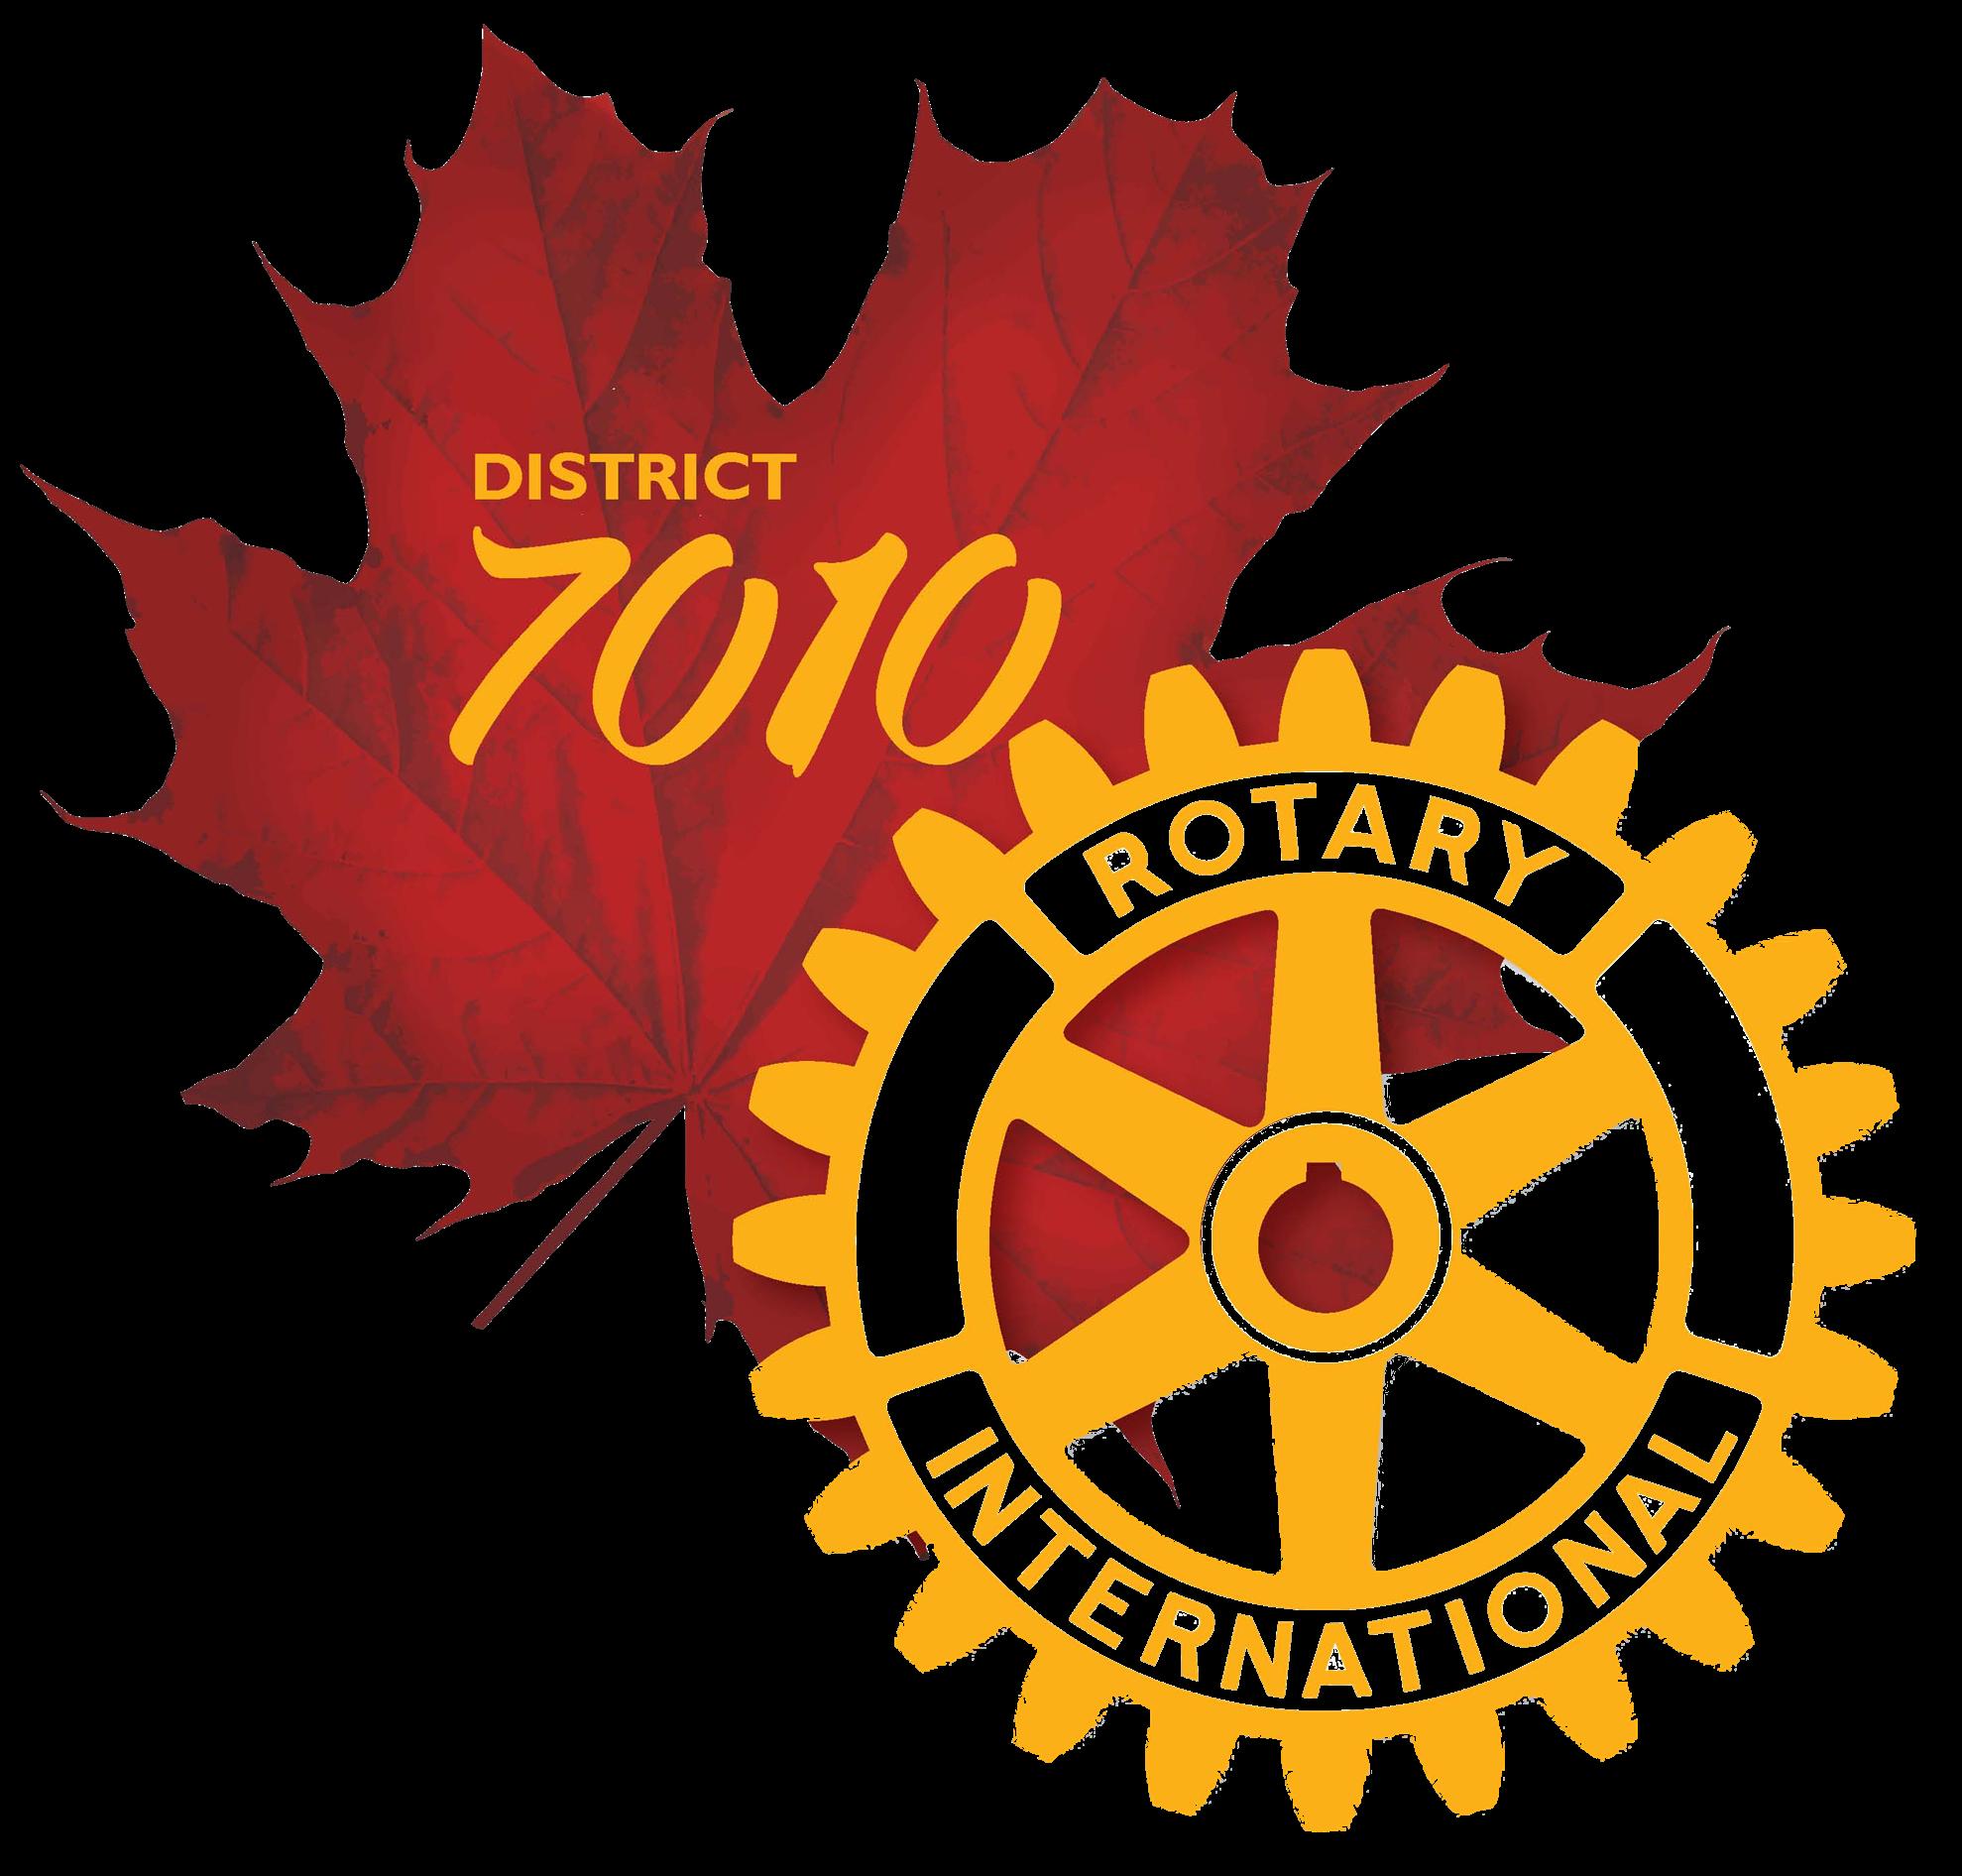 District 7010 logo